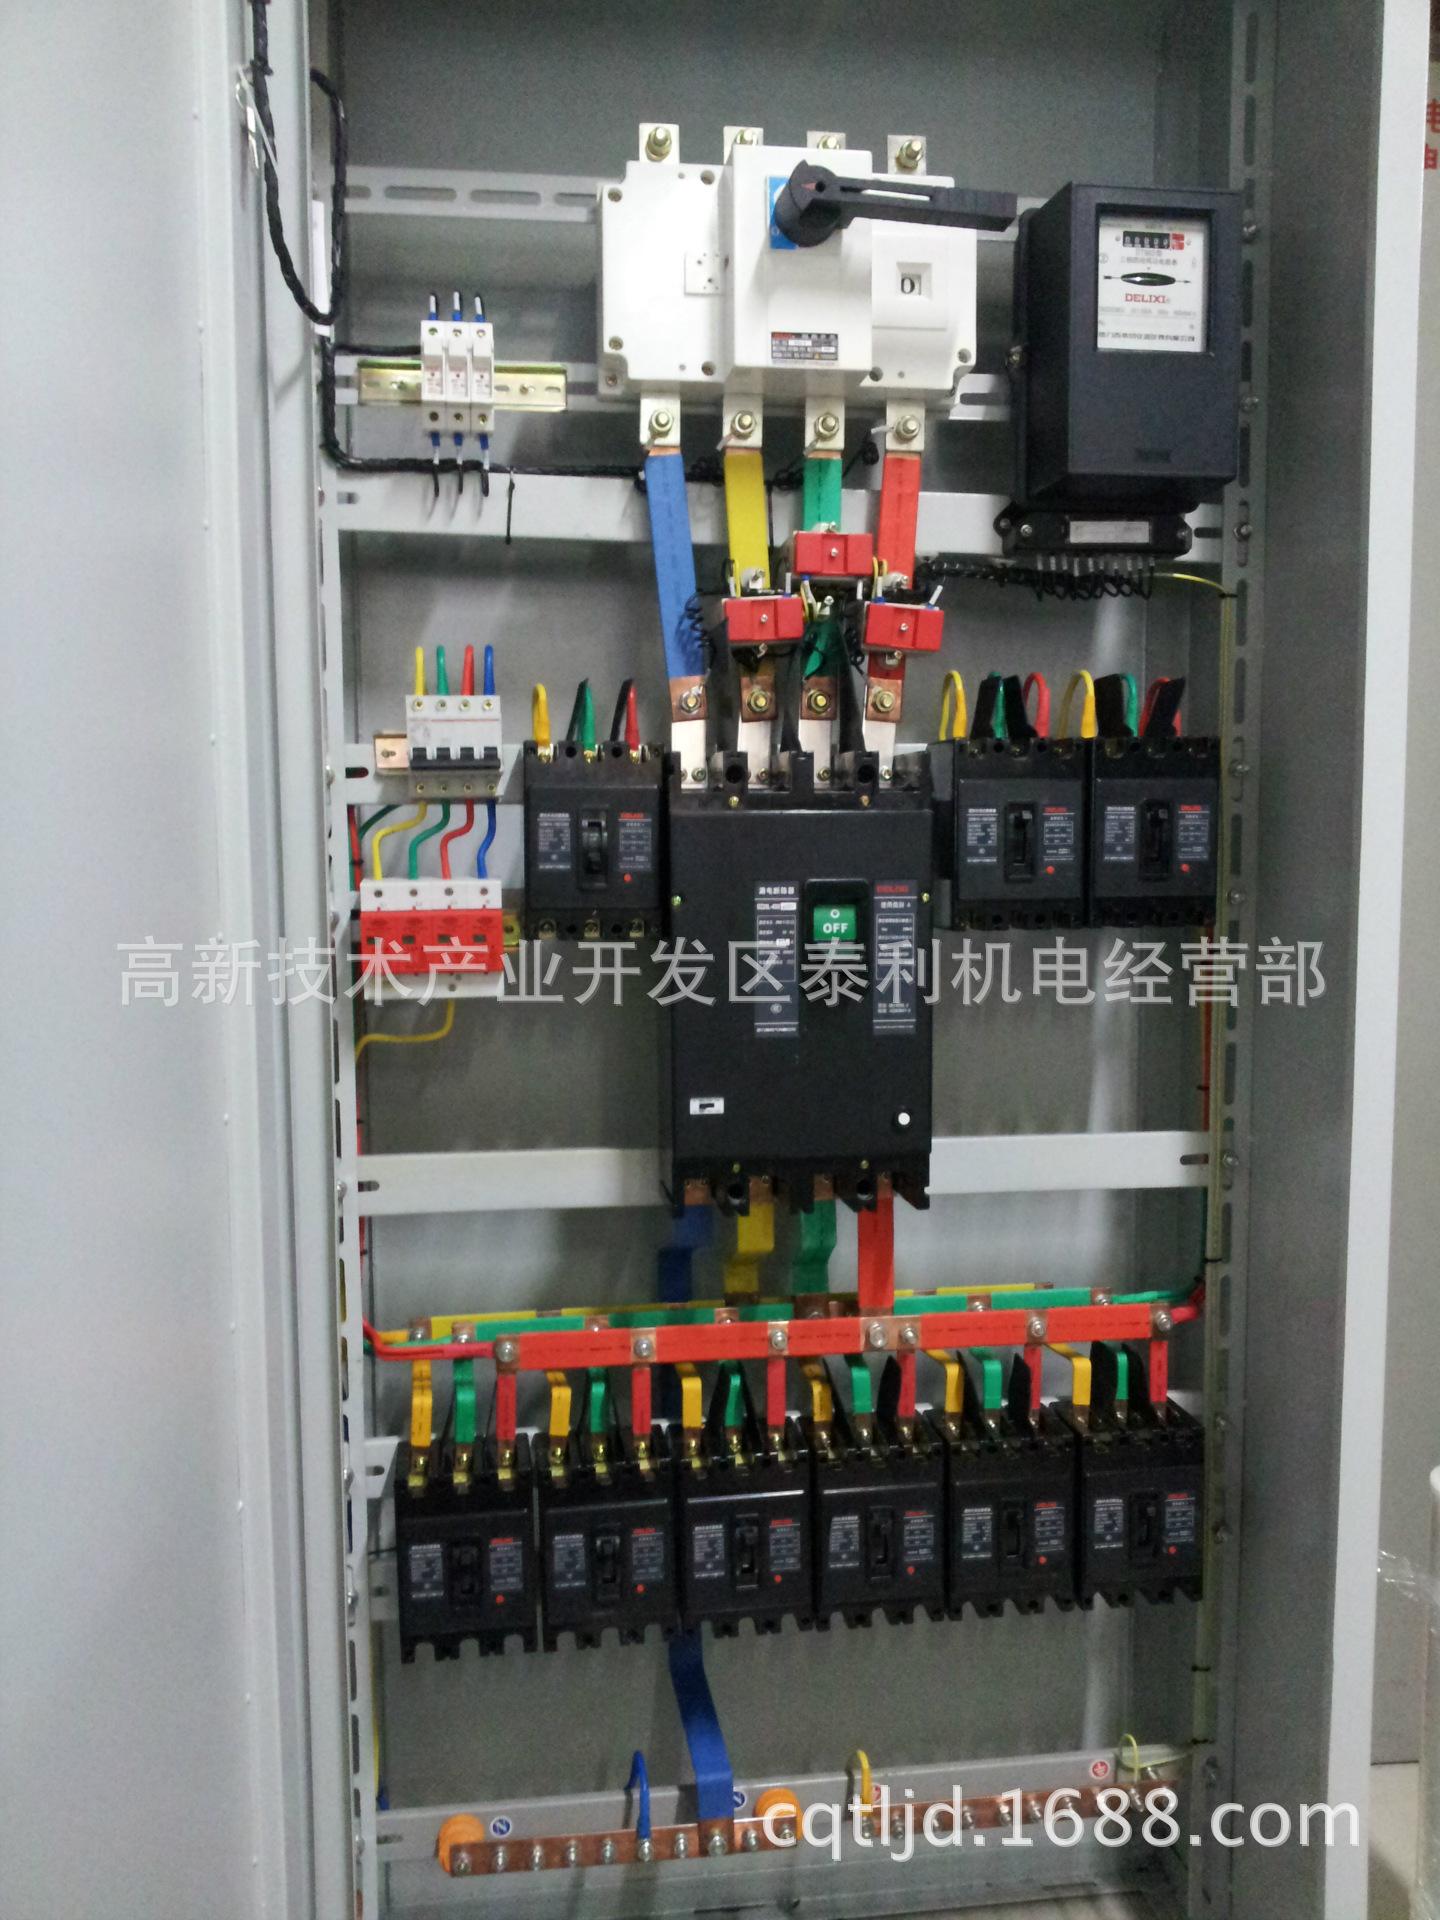 Thiết bị phân phối phân phối điện áp thấp, màn hình, bộ phân phối điện, đồng bộ phân phối điện, năng